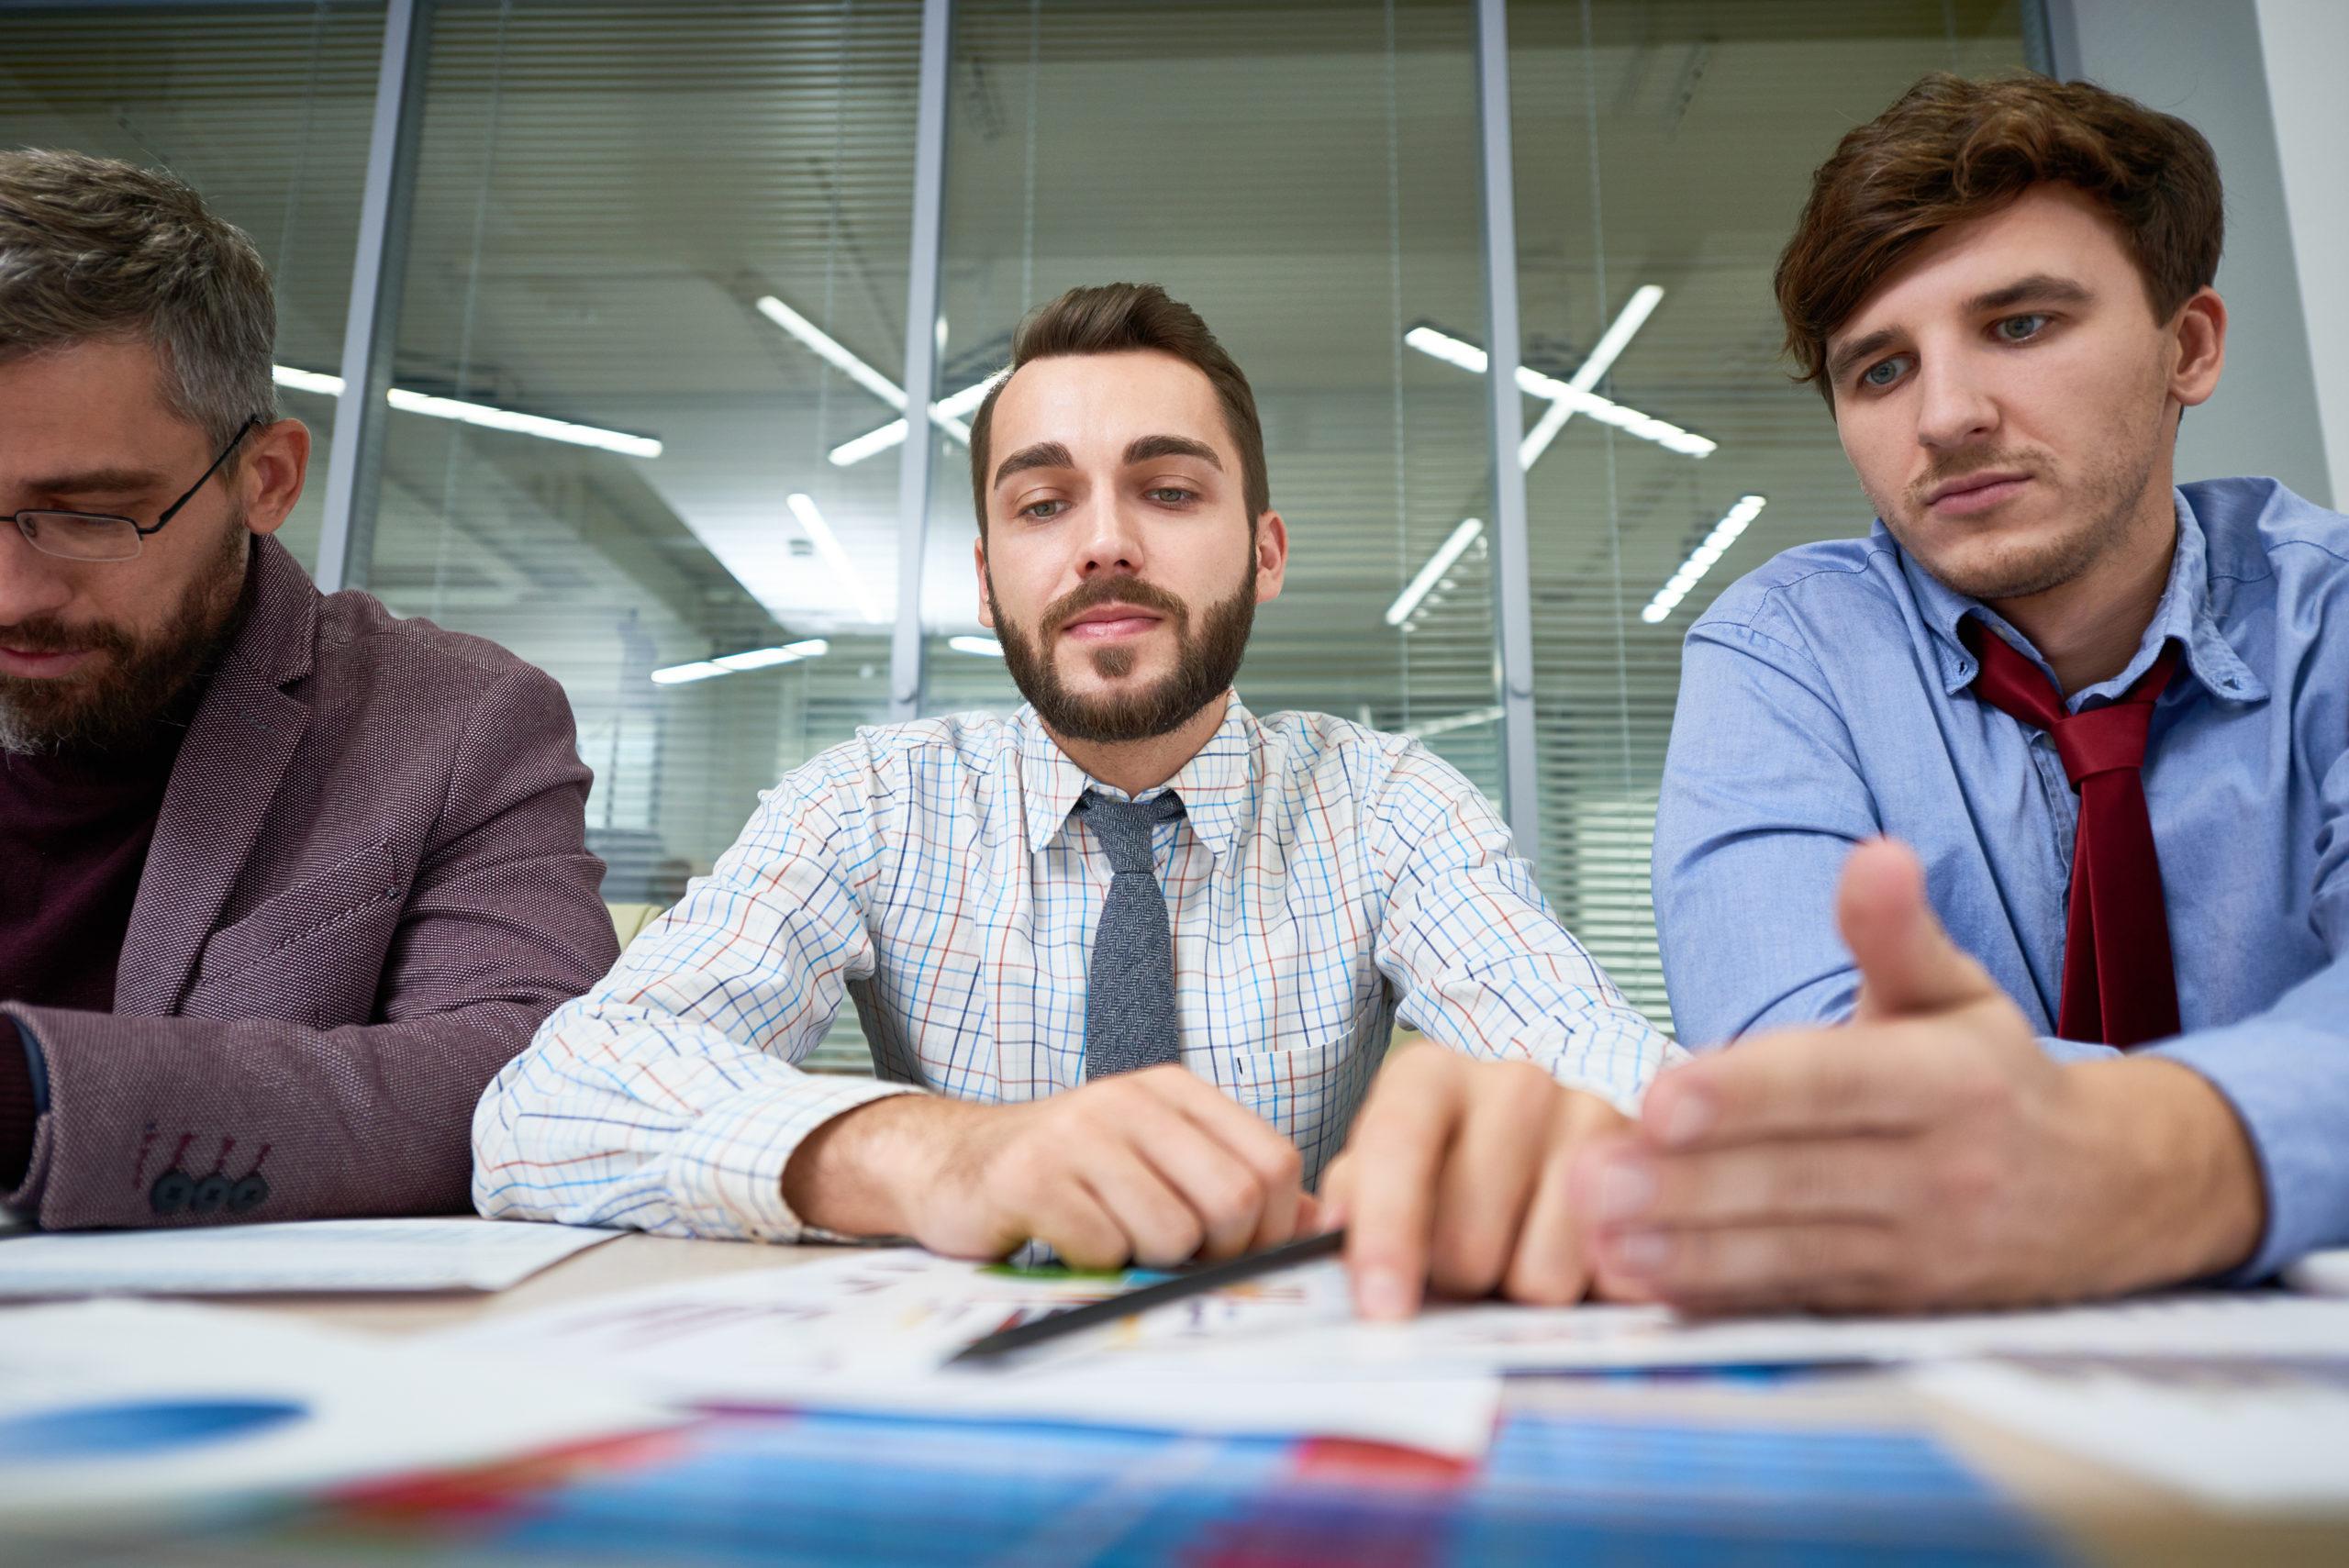 Quels sont les 5 leviers du marketing digital à maitriser?